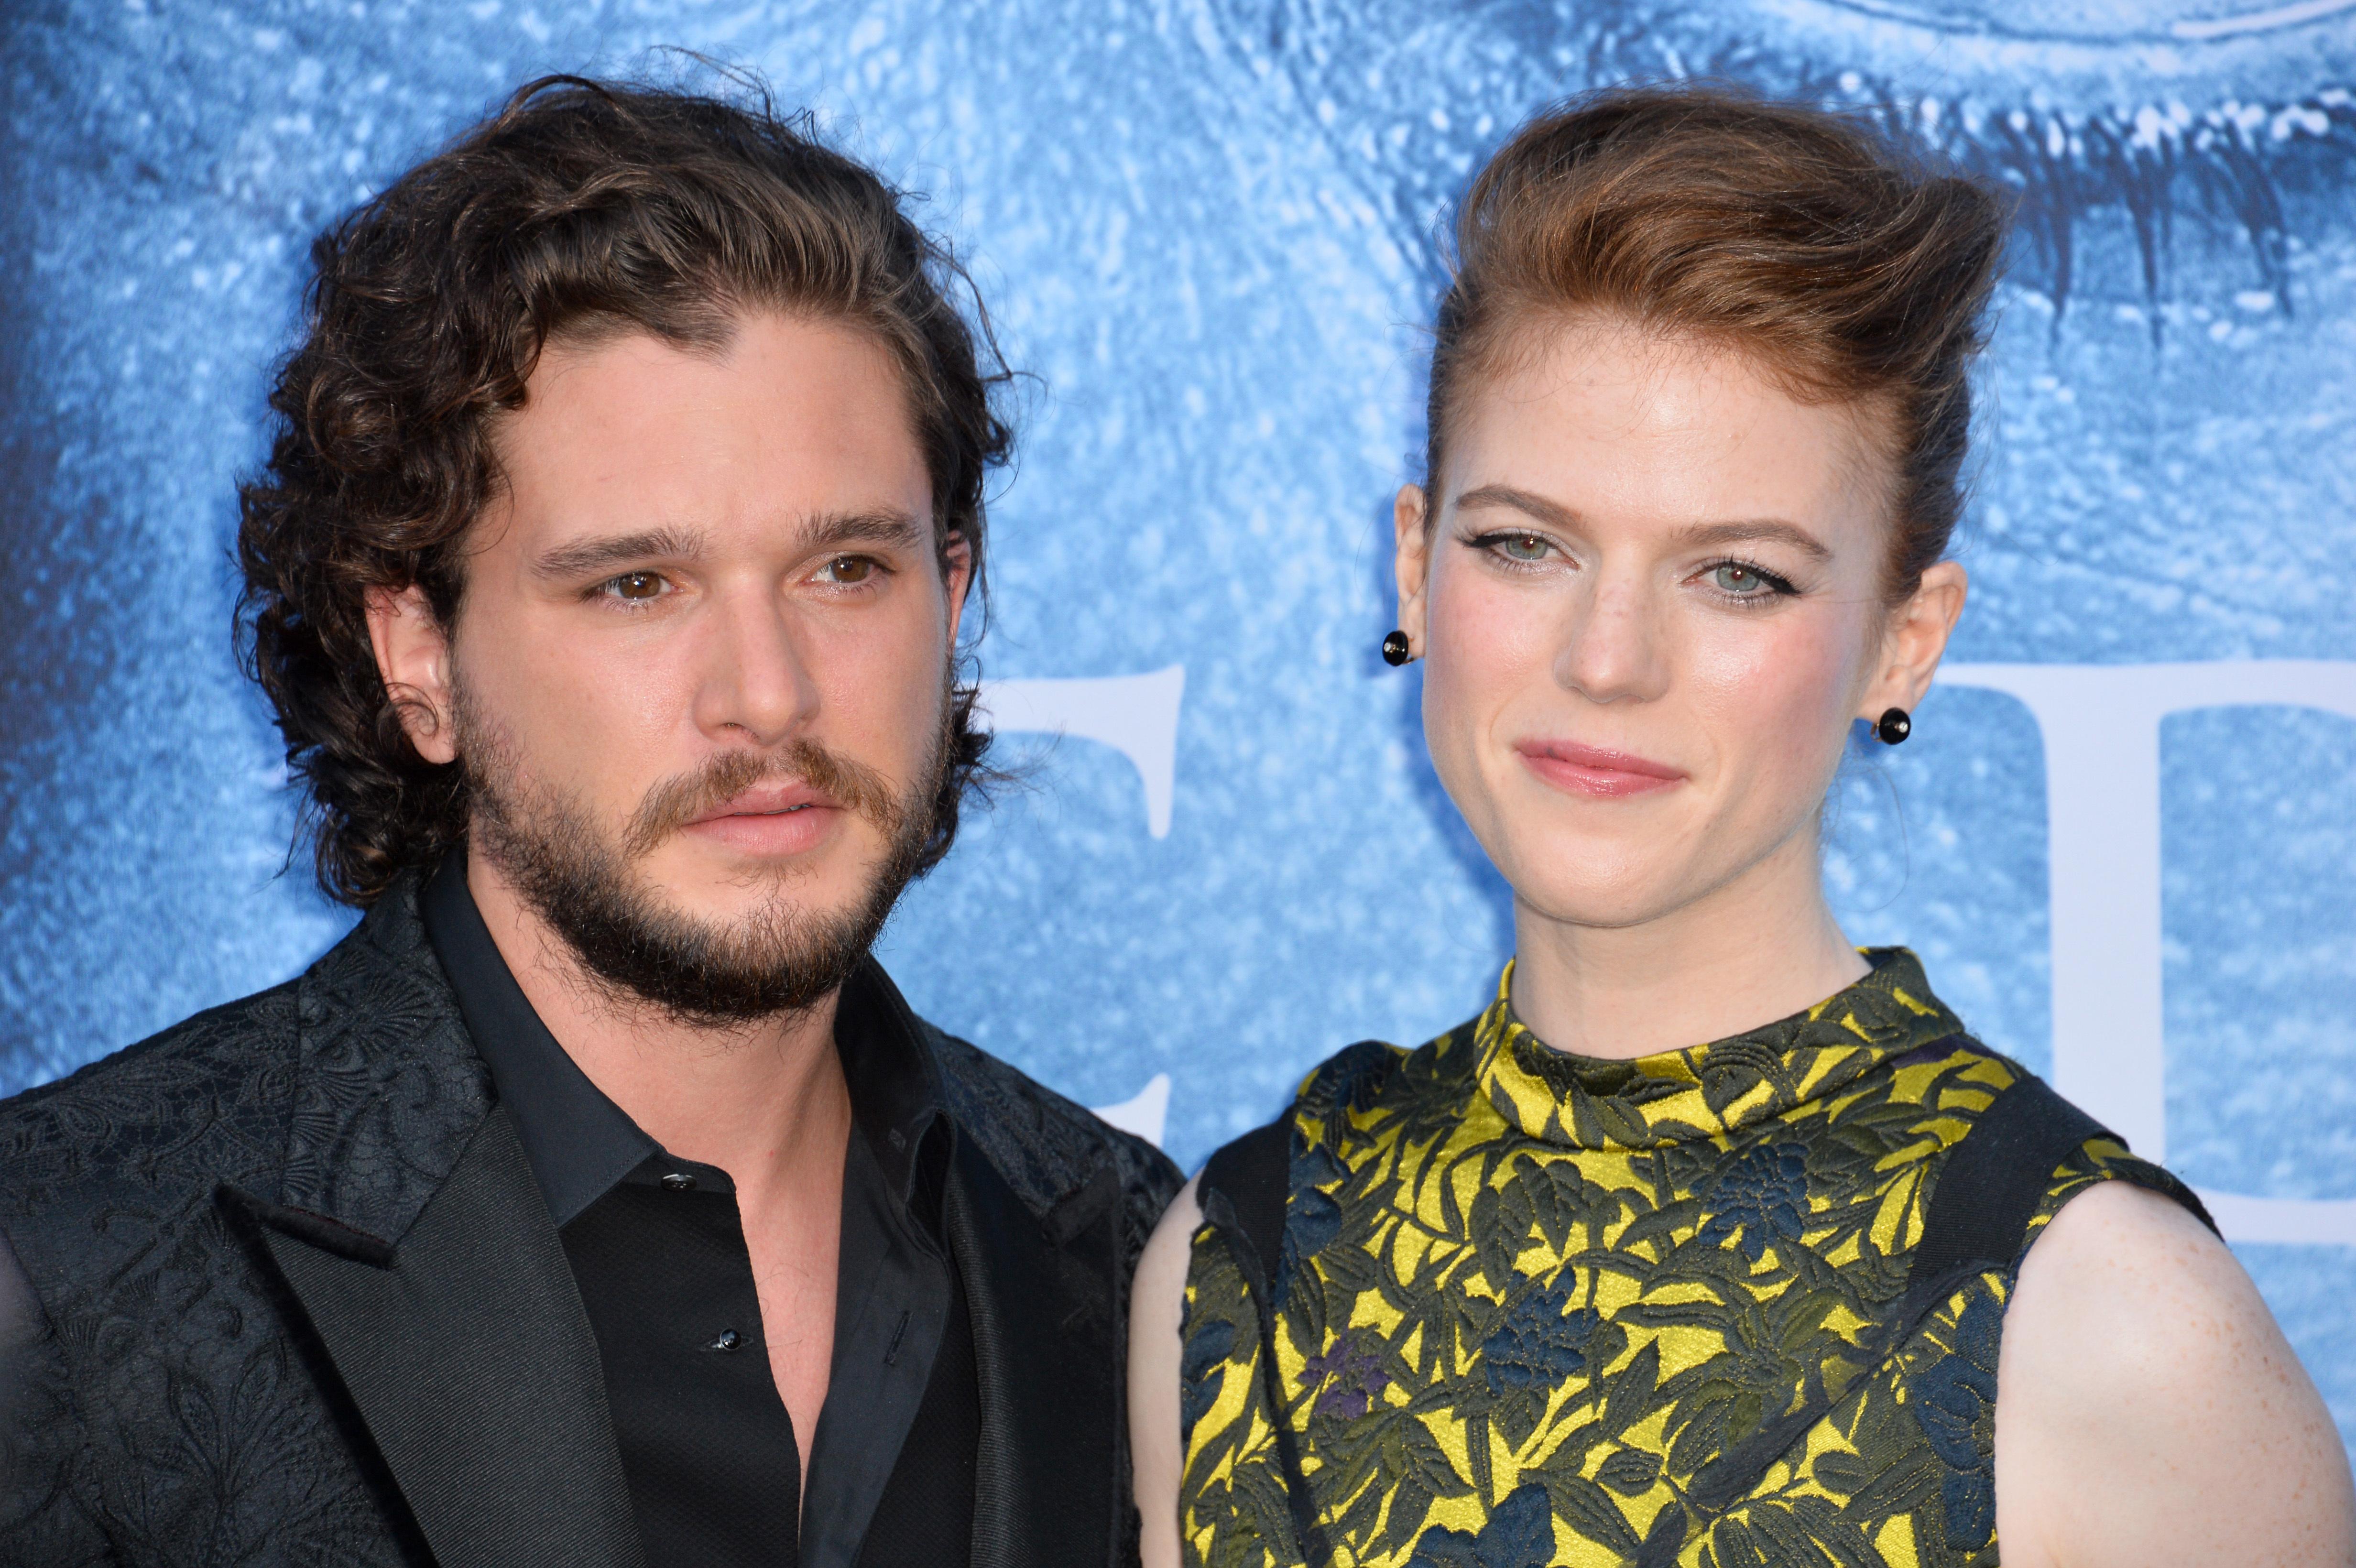 """Actorii Rose Leslie şi Kit Harington, cunoscuţi din serialul """"Game of Thrones"""", au devenit părinţi"""